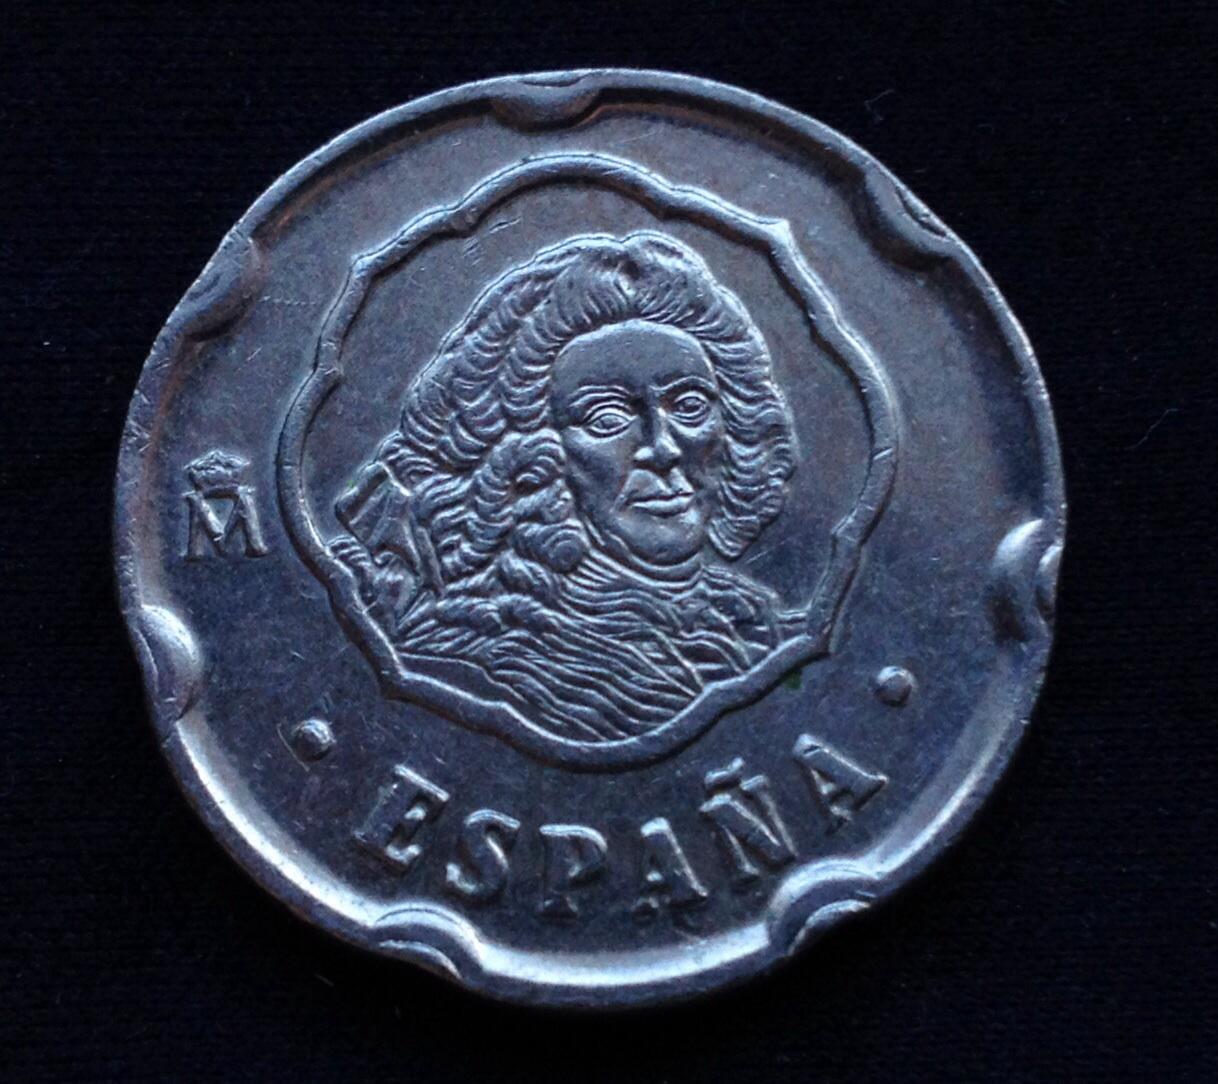 50 pesetas 1996 Juan Carlos I Image